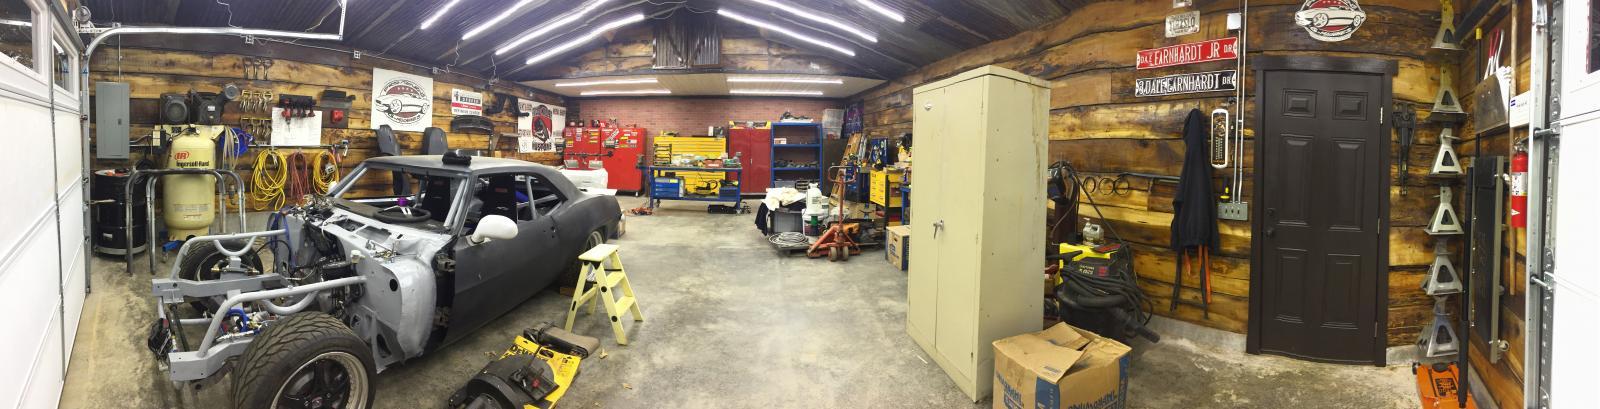 Name:  garage3.jpg Views: 194 Size:  127.0 KB